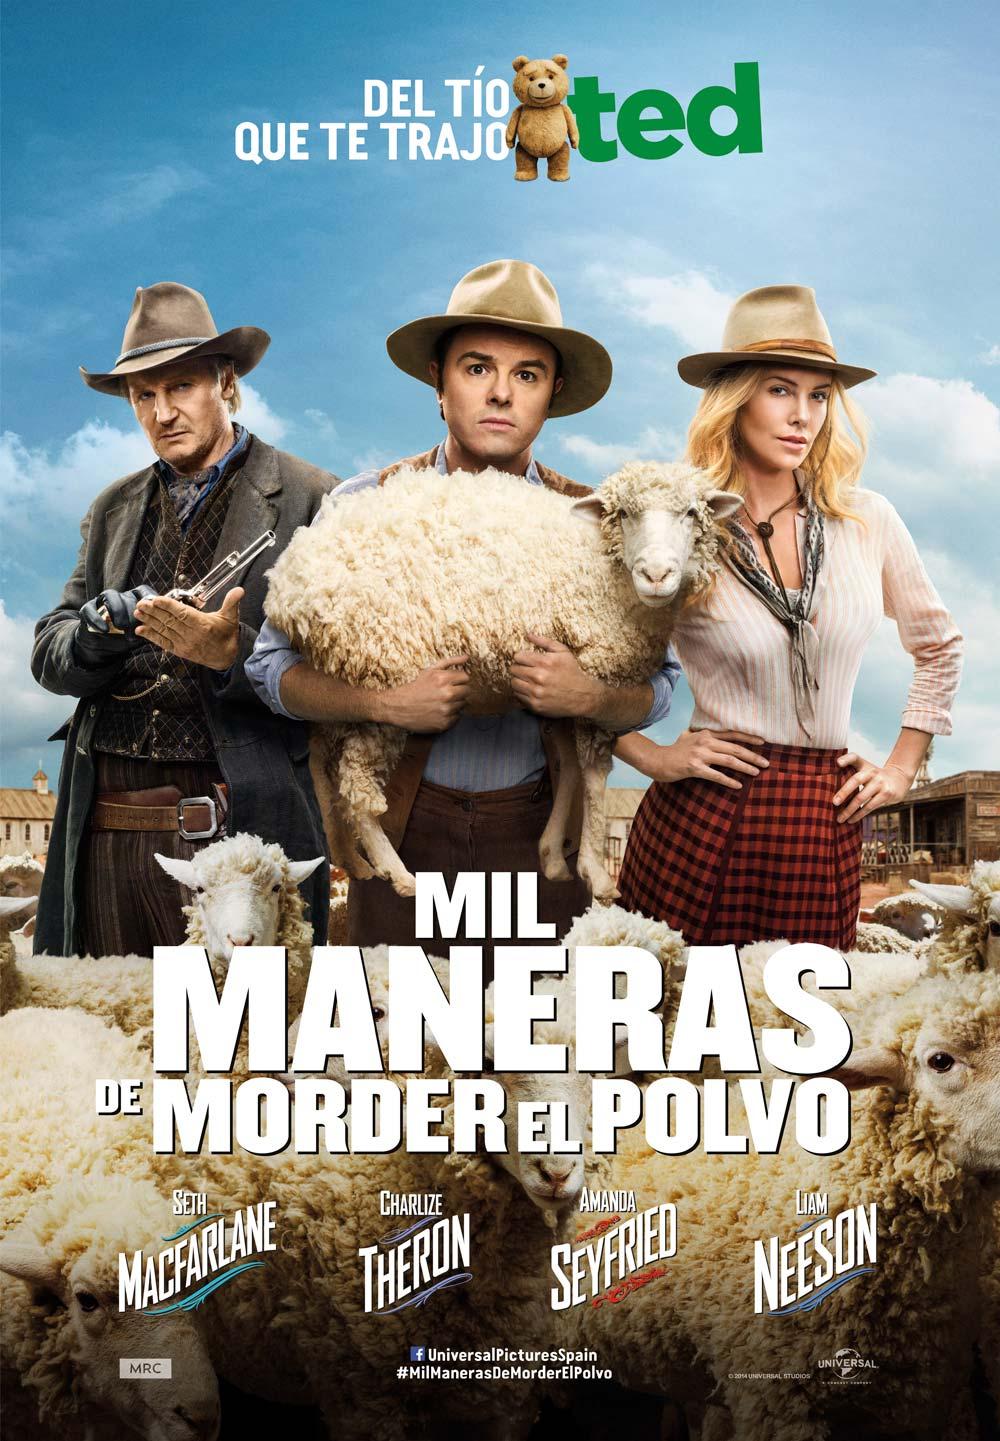 Descarga Mil maneras de morder el polvo (2014) 1 link Audio Latino